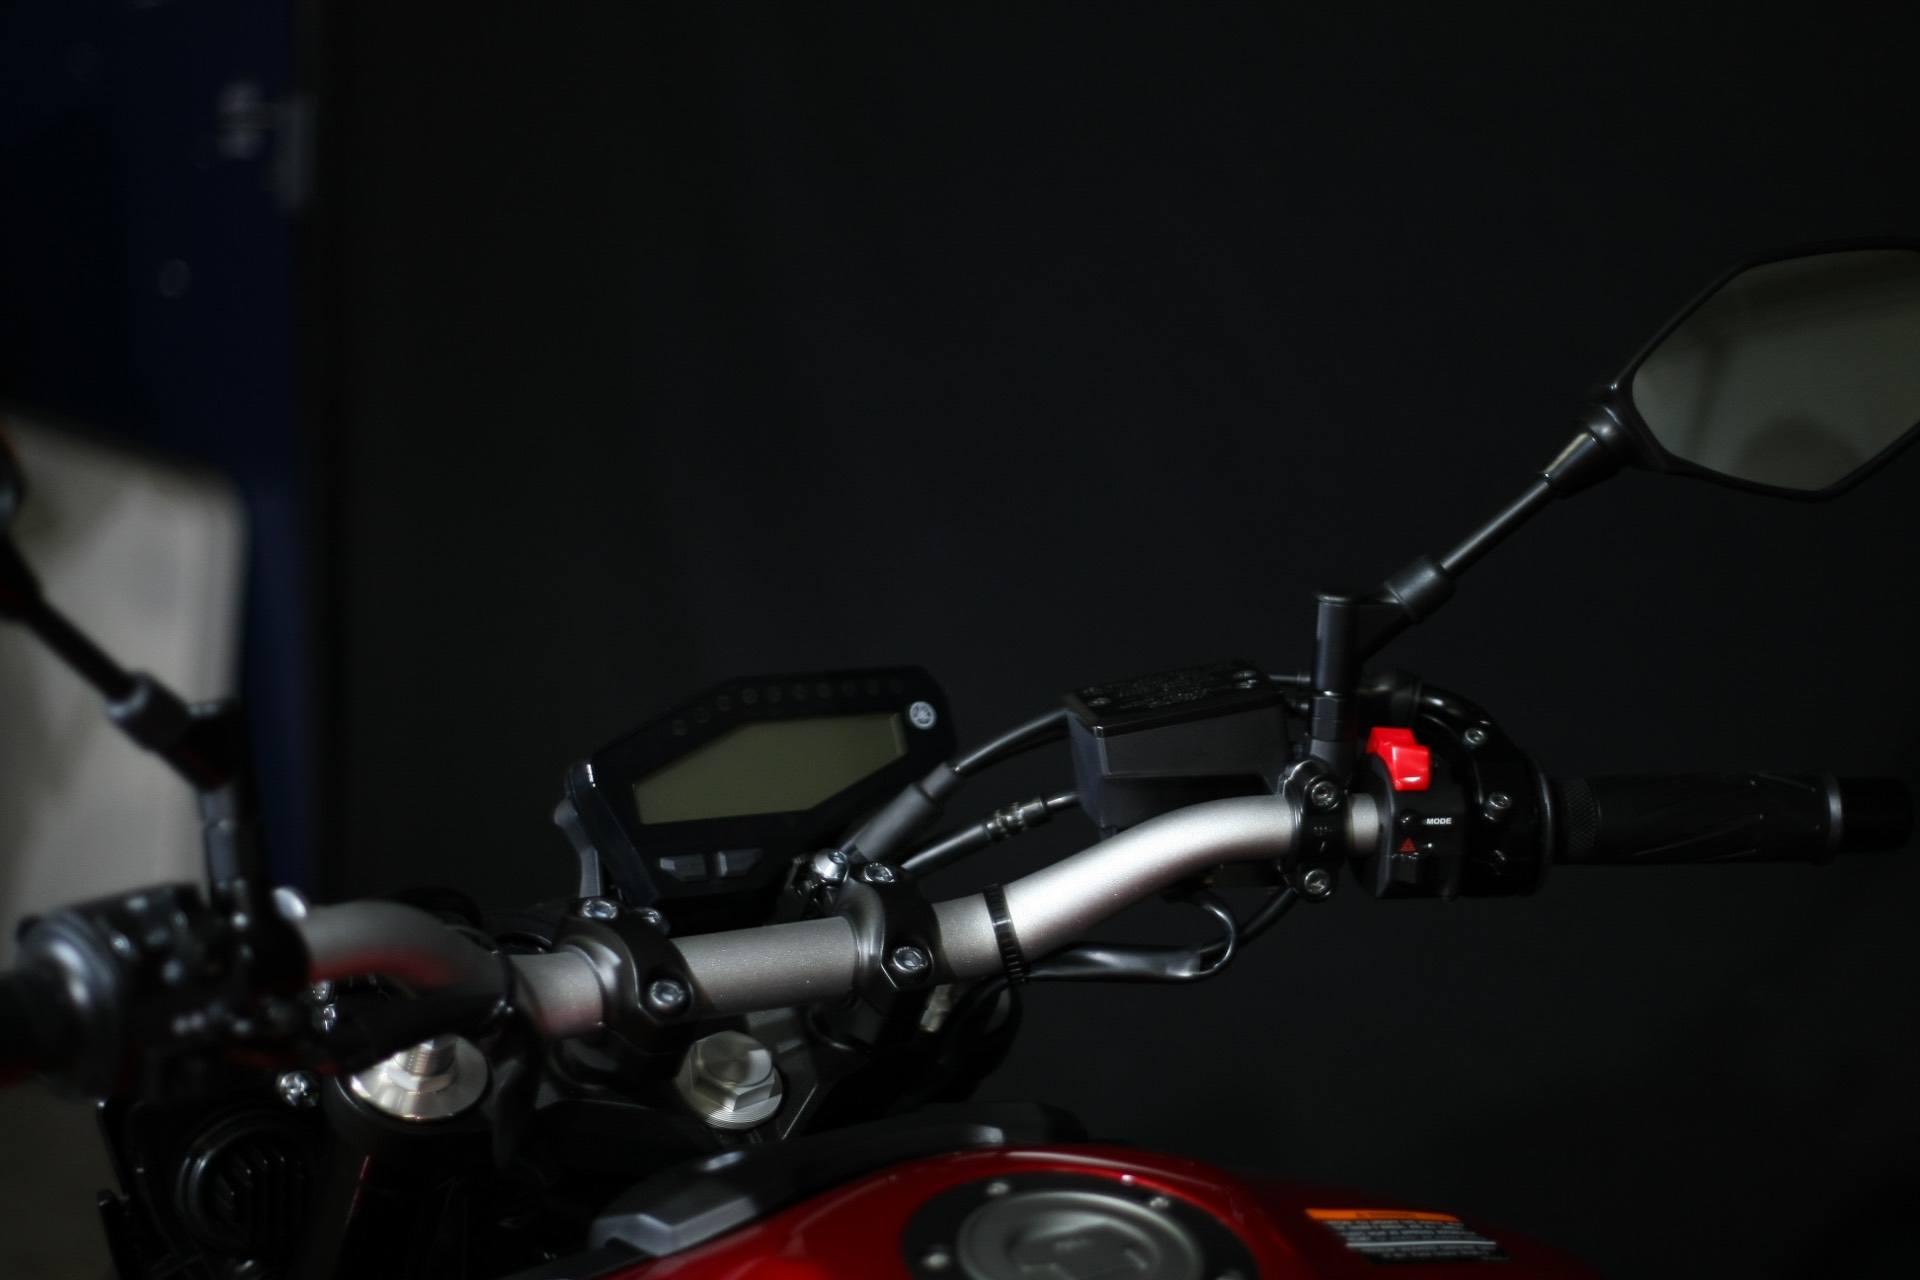 2017 Yamaha FZ-09 5